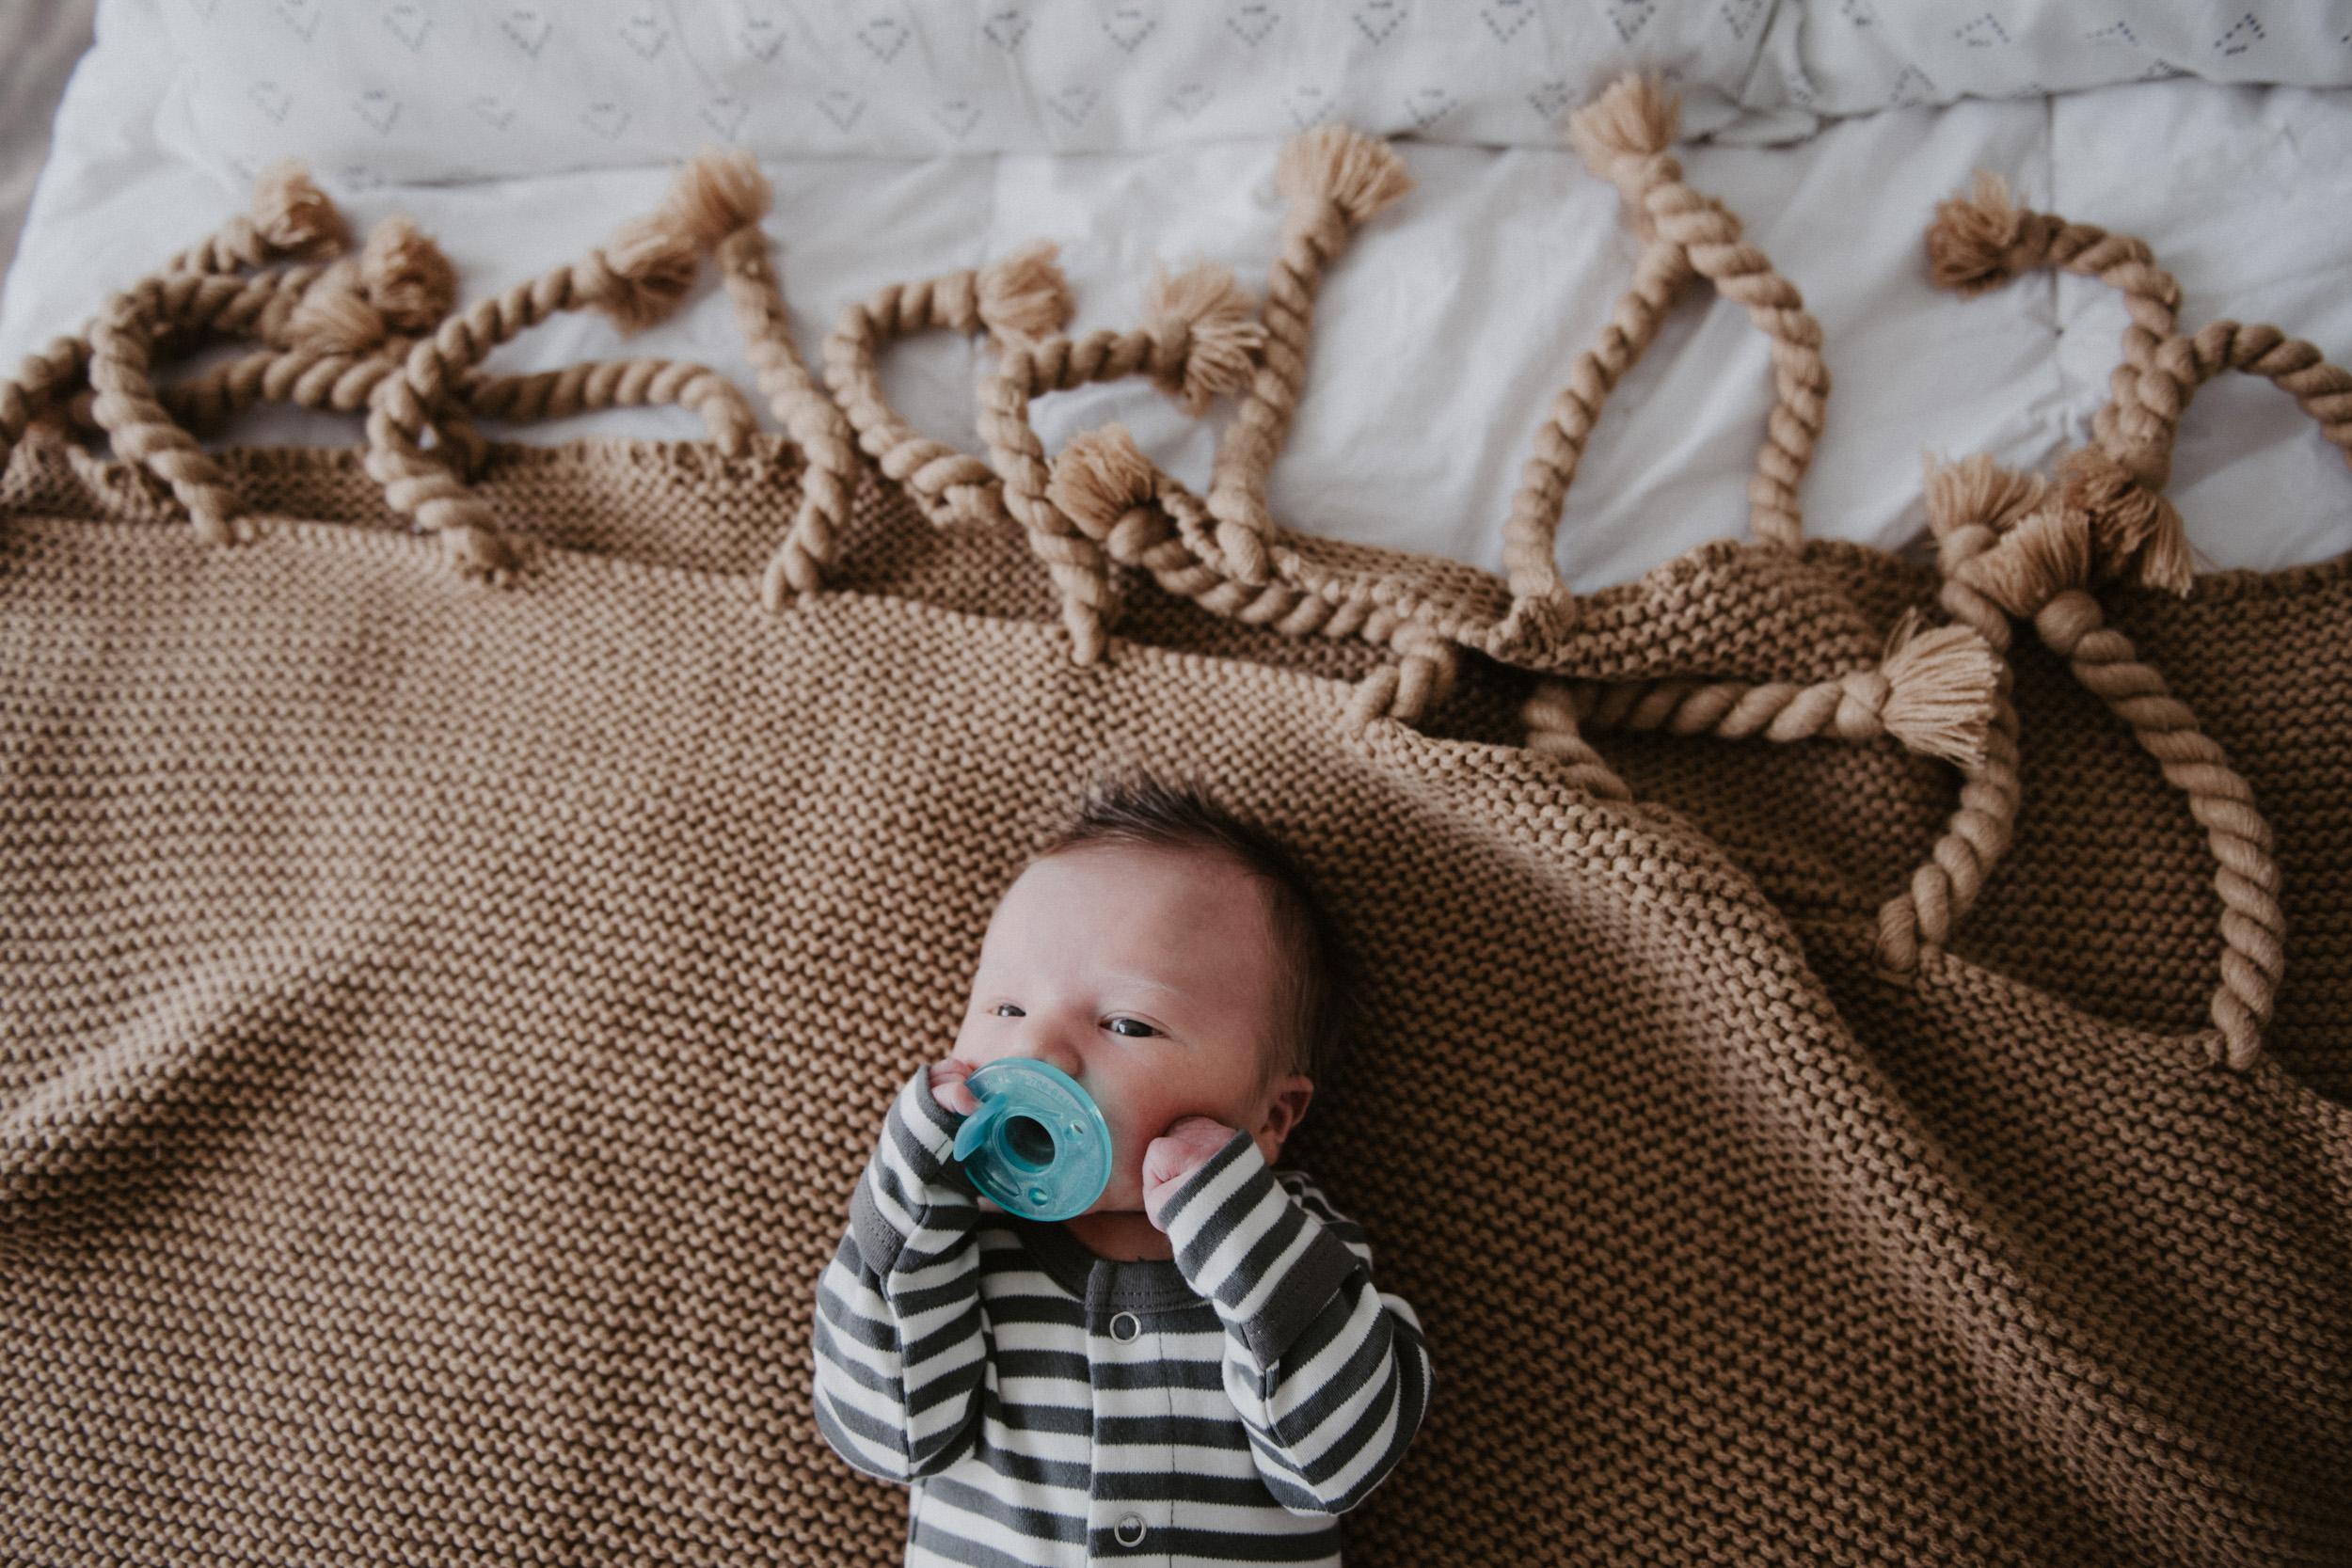 newborn in striped onesie on brown blanket with binkie